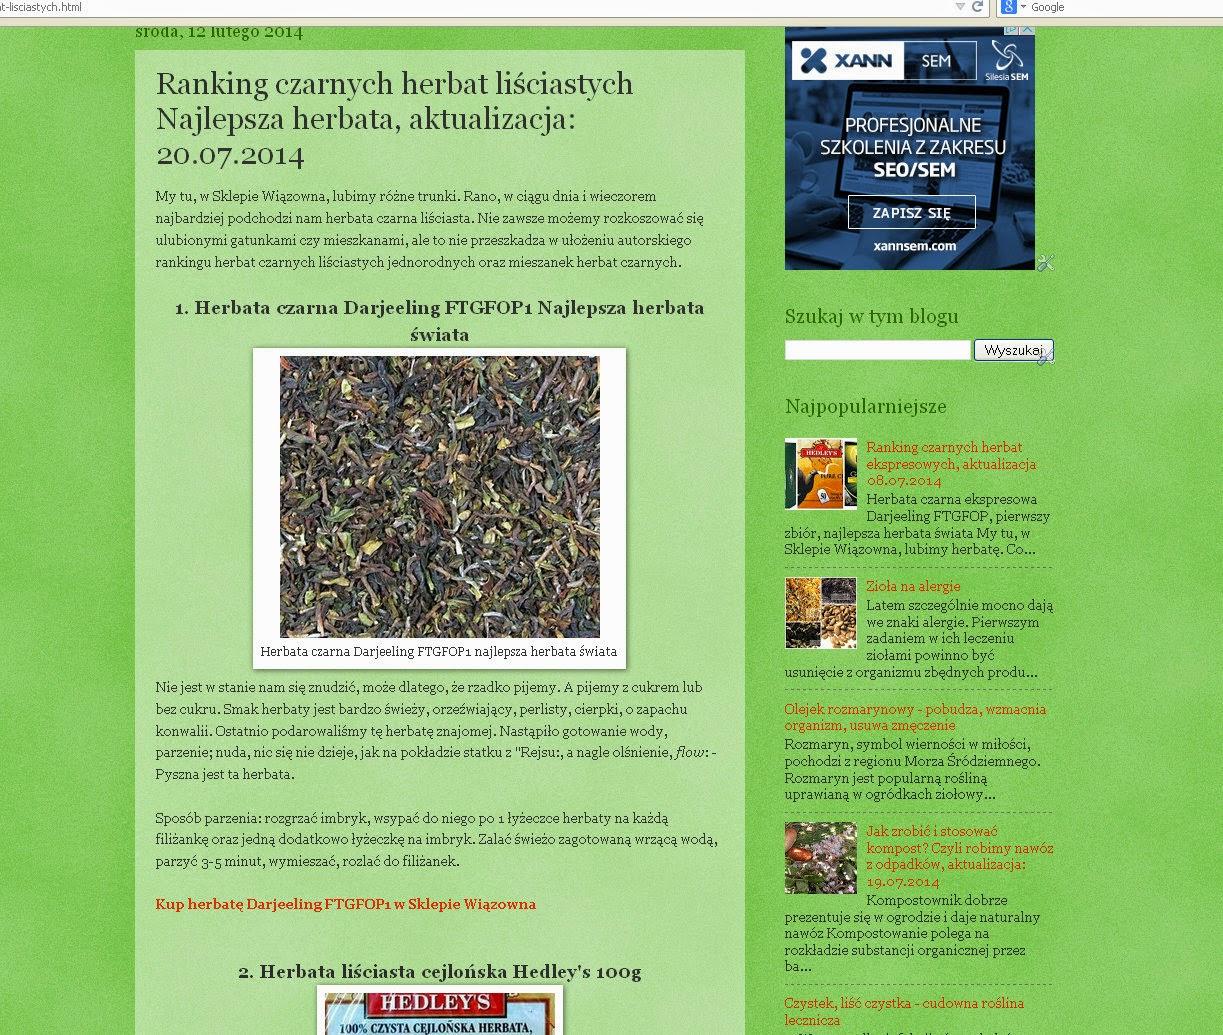 http://sklepwiazowna.blogspot.com/2014/02/ranking-czarnych-herbat-lisciastych.html